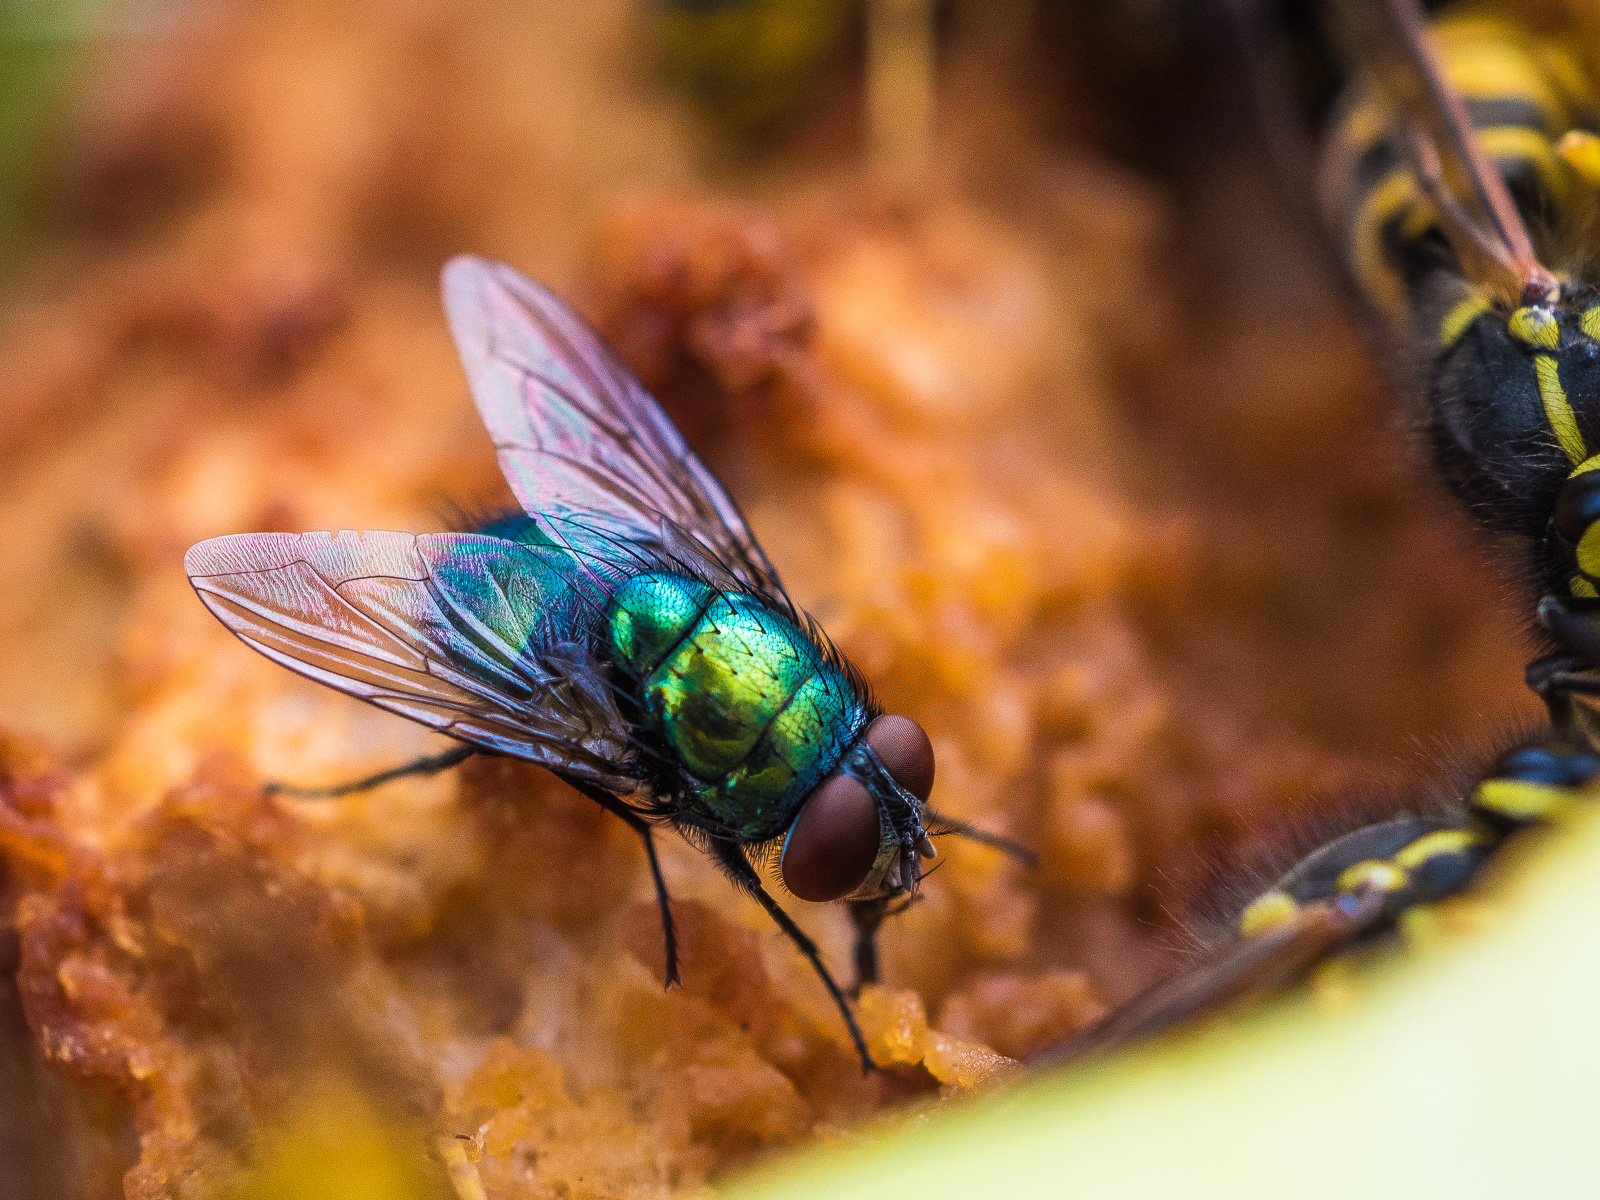 Grün schillernde Fliege auf verrottendem Apfel, am Bildrand sind mehrere Wespen zu erahnen